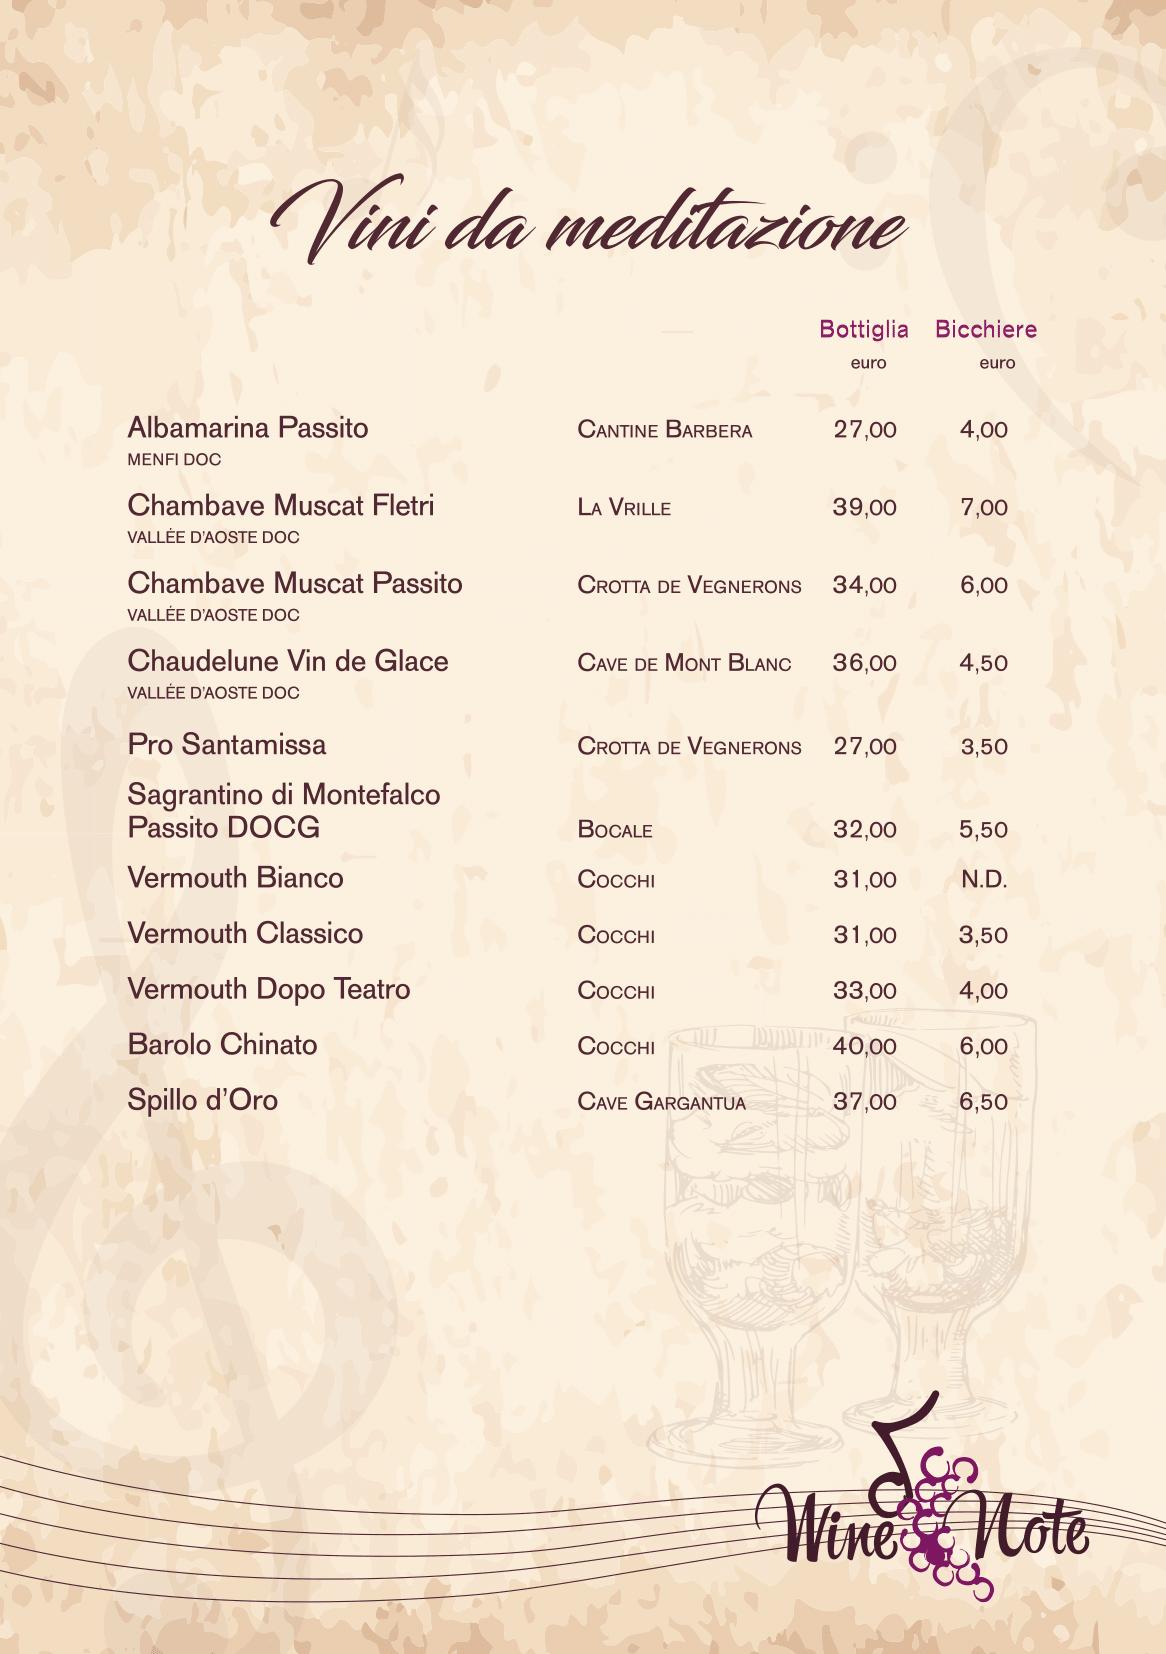 Wine note menu e vini A5-20